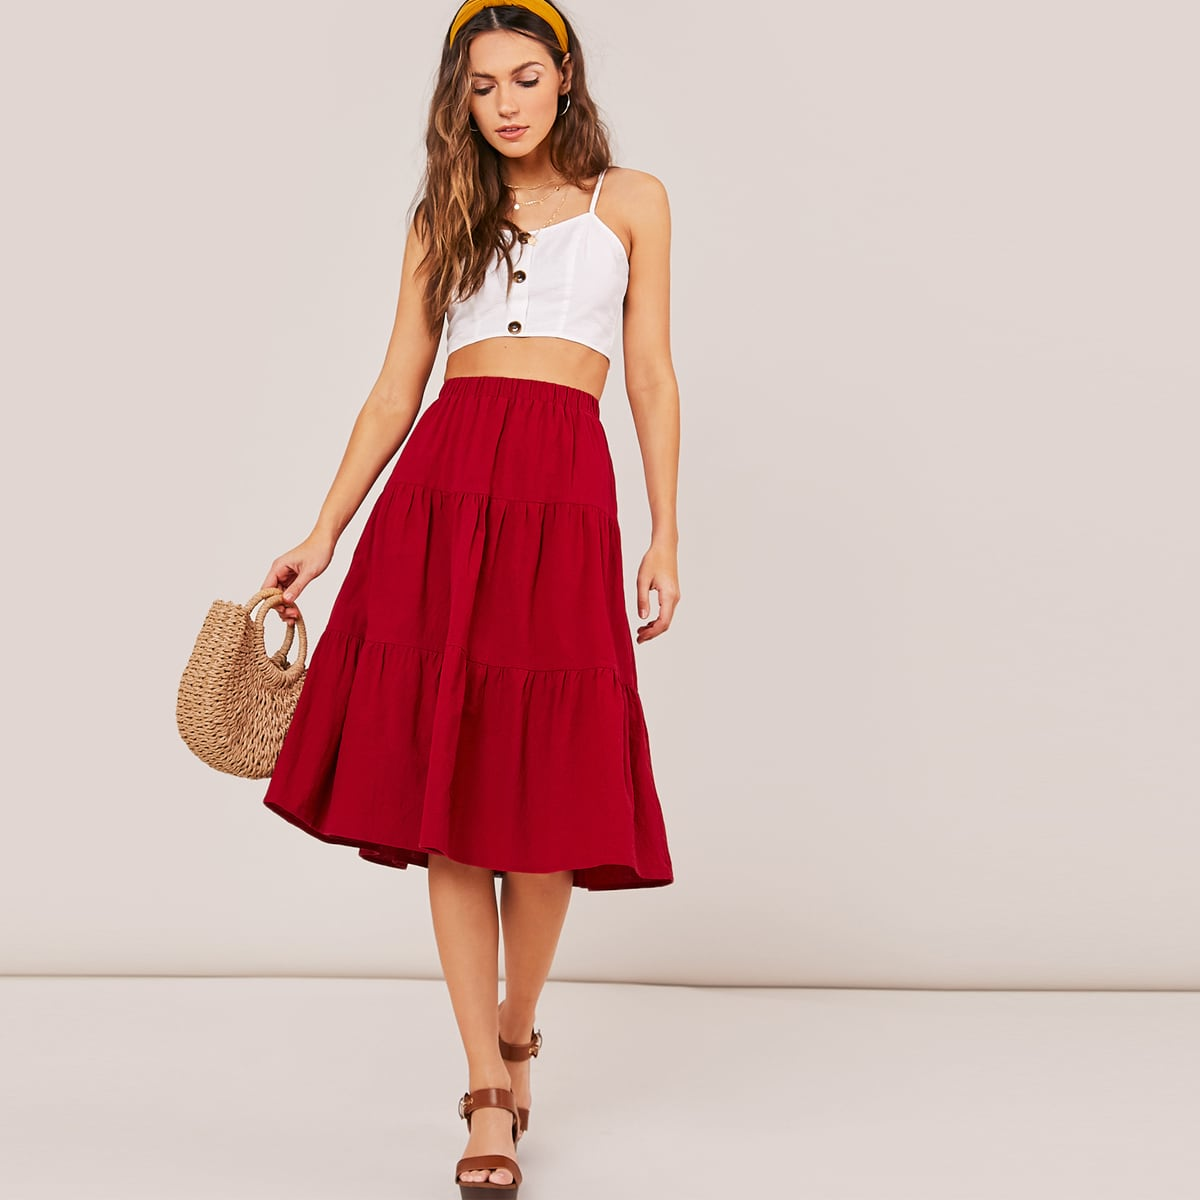 Однотонная юбка с оборками